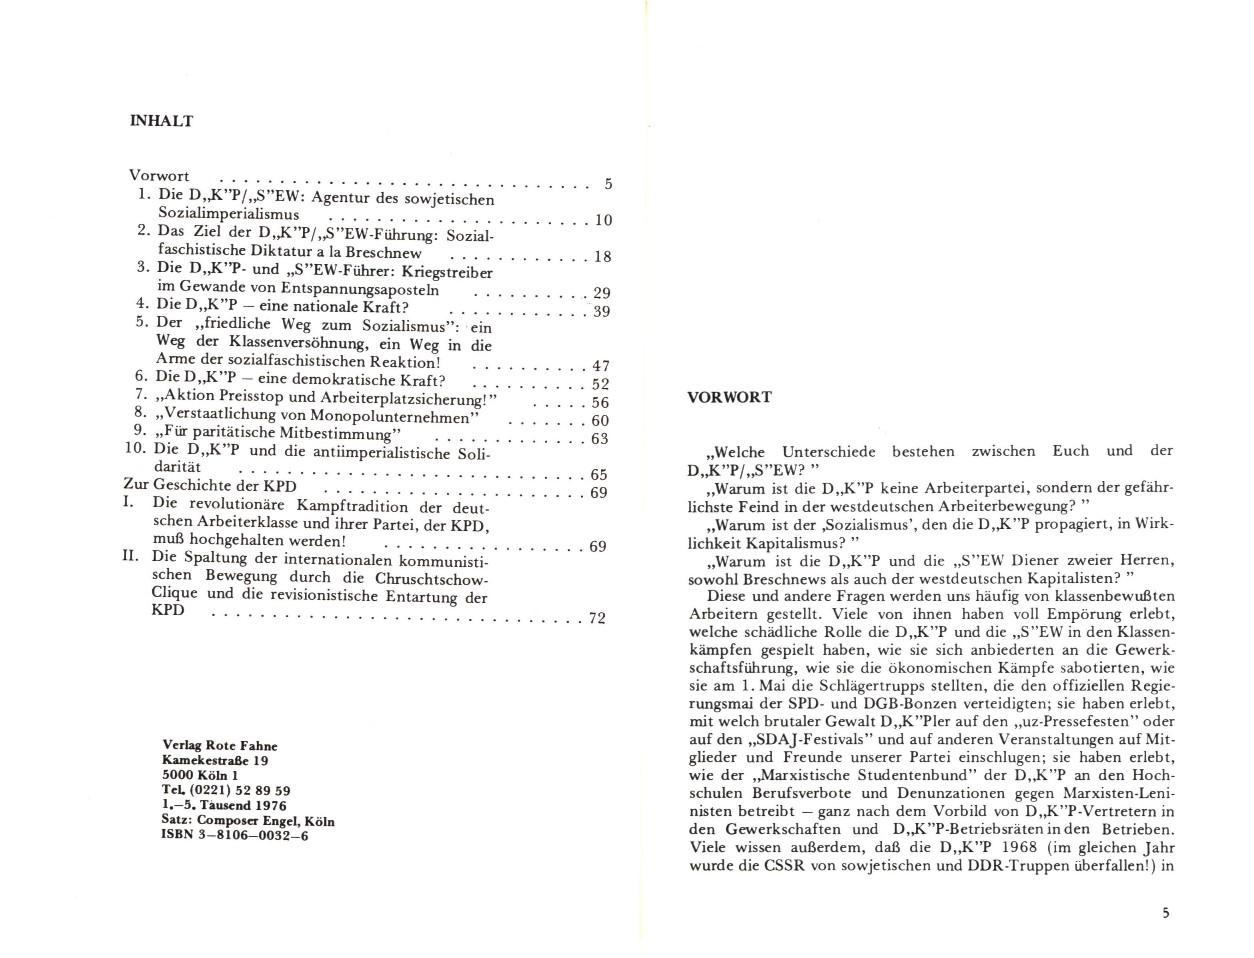 KPDAO_1976_KPD_oder_DKP_04